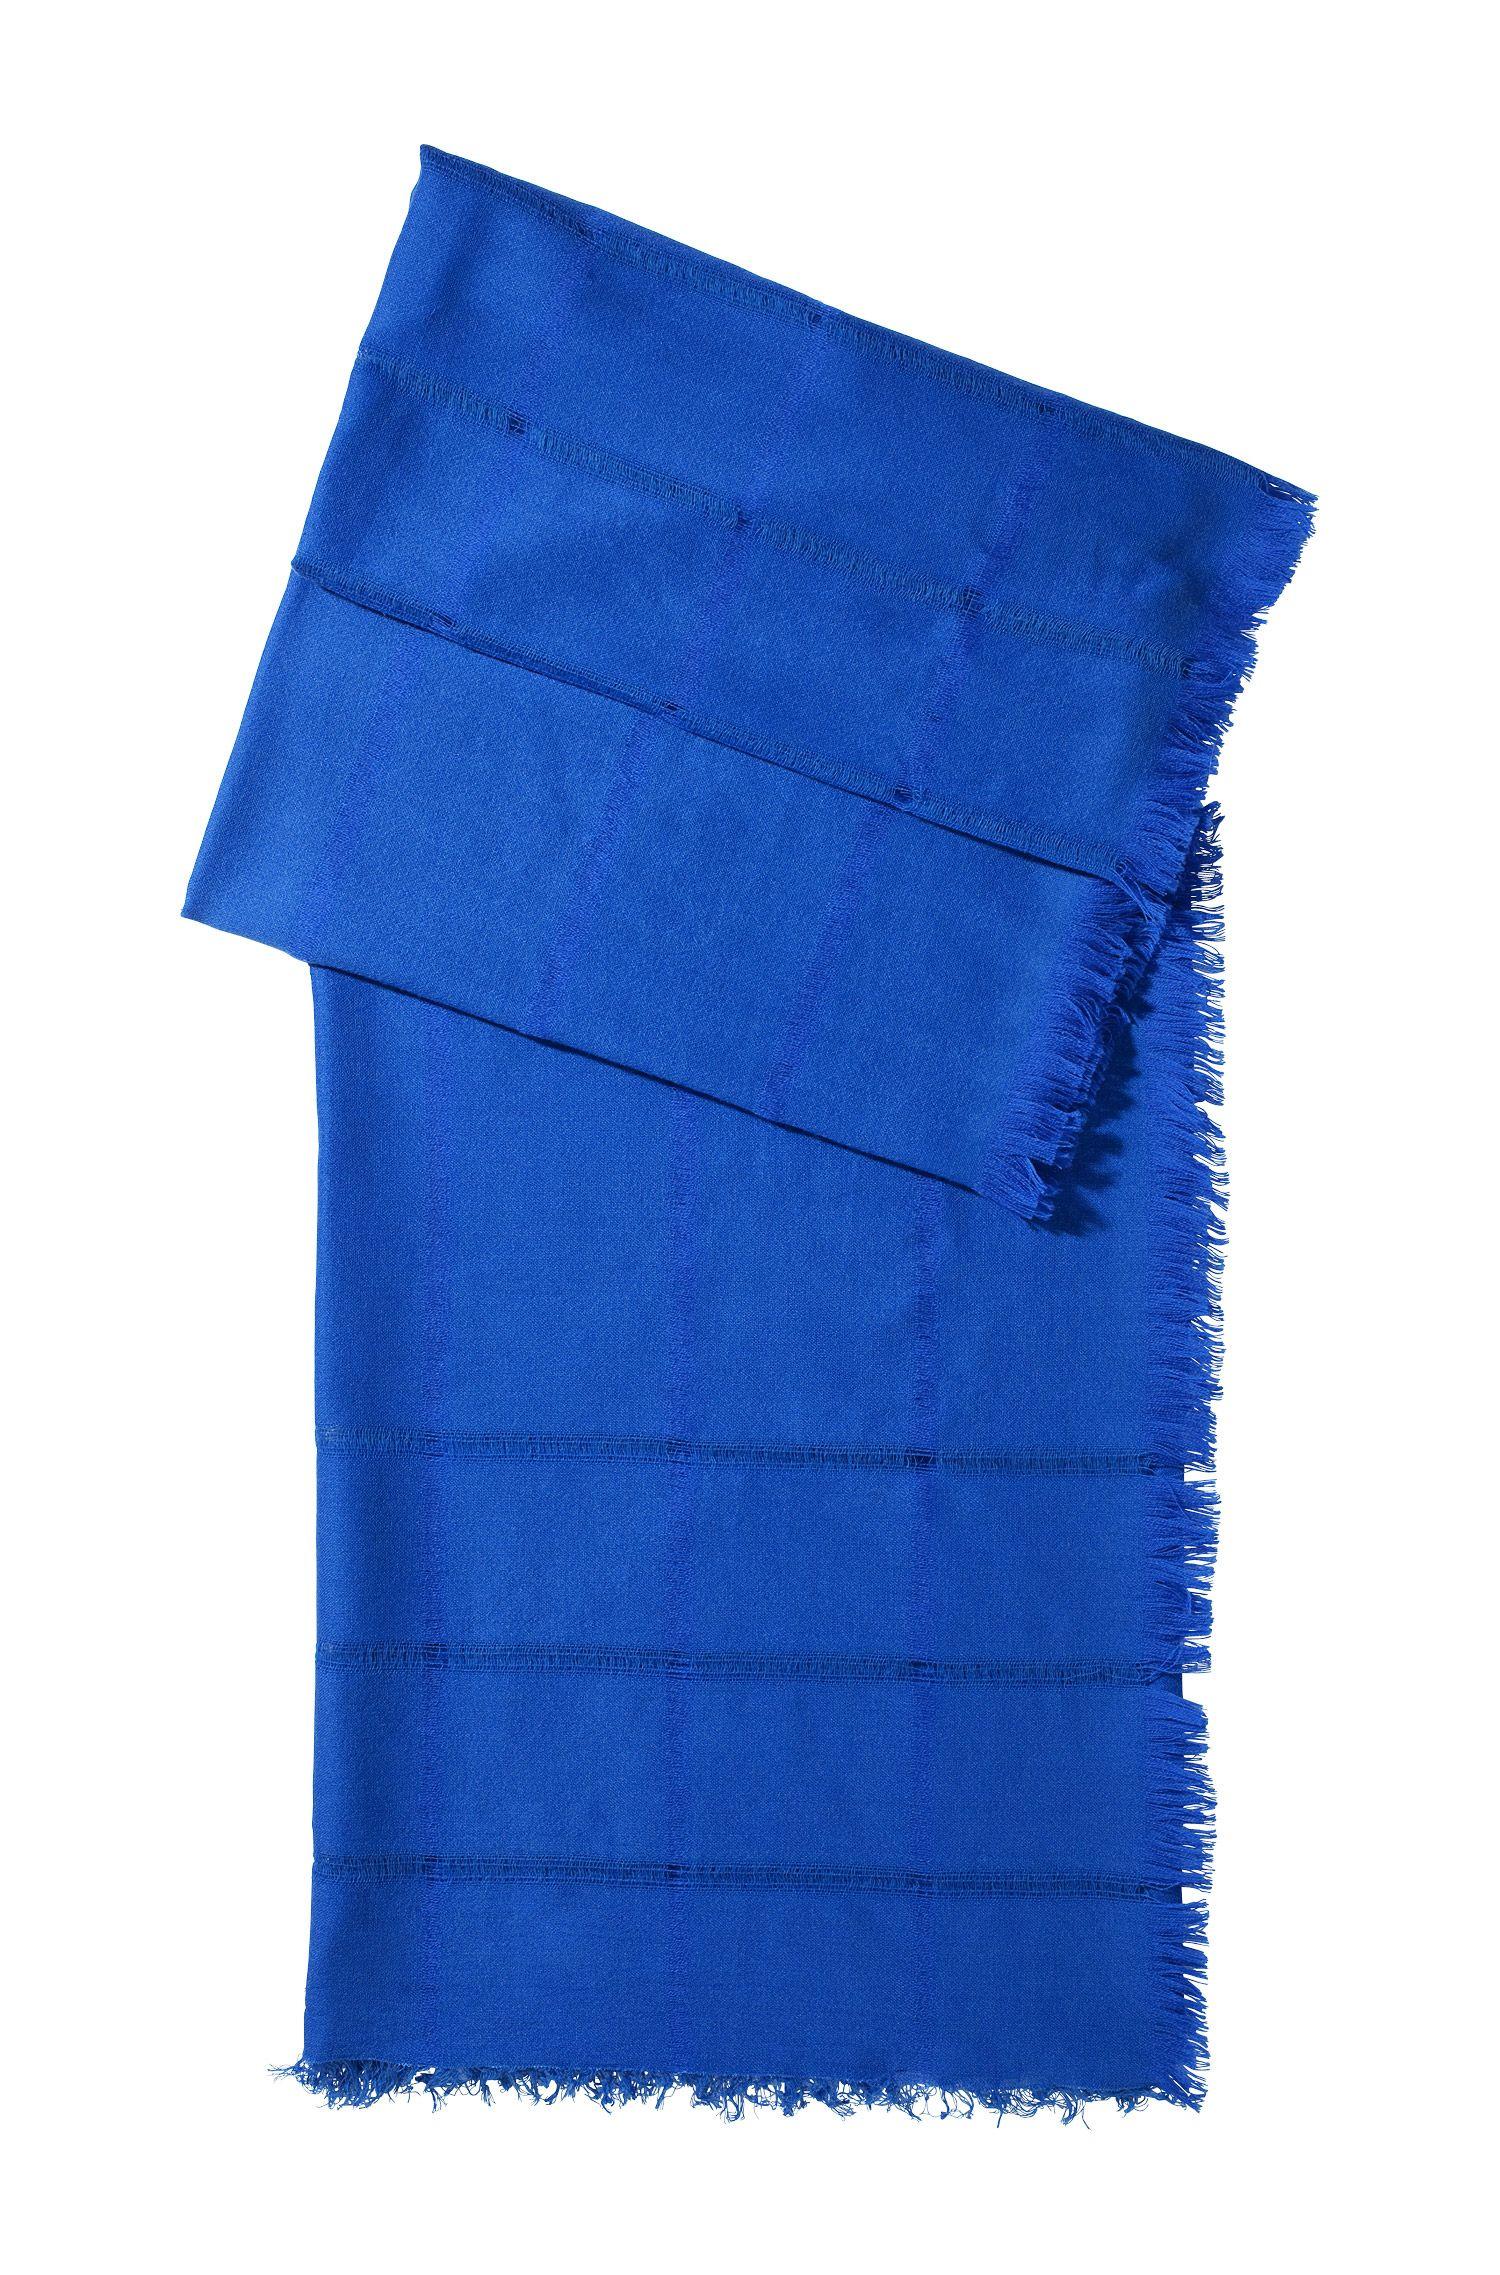 Designer-Tuch ´SC450` aus Woll-Mix